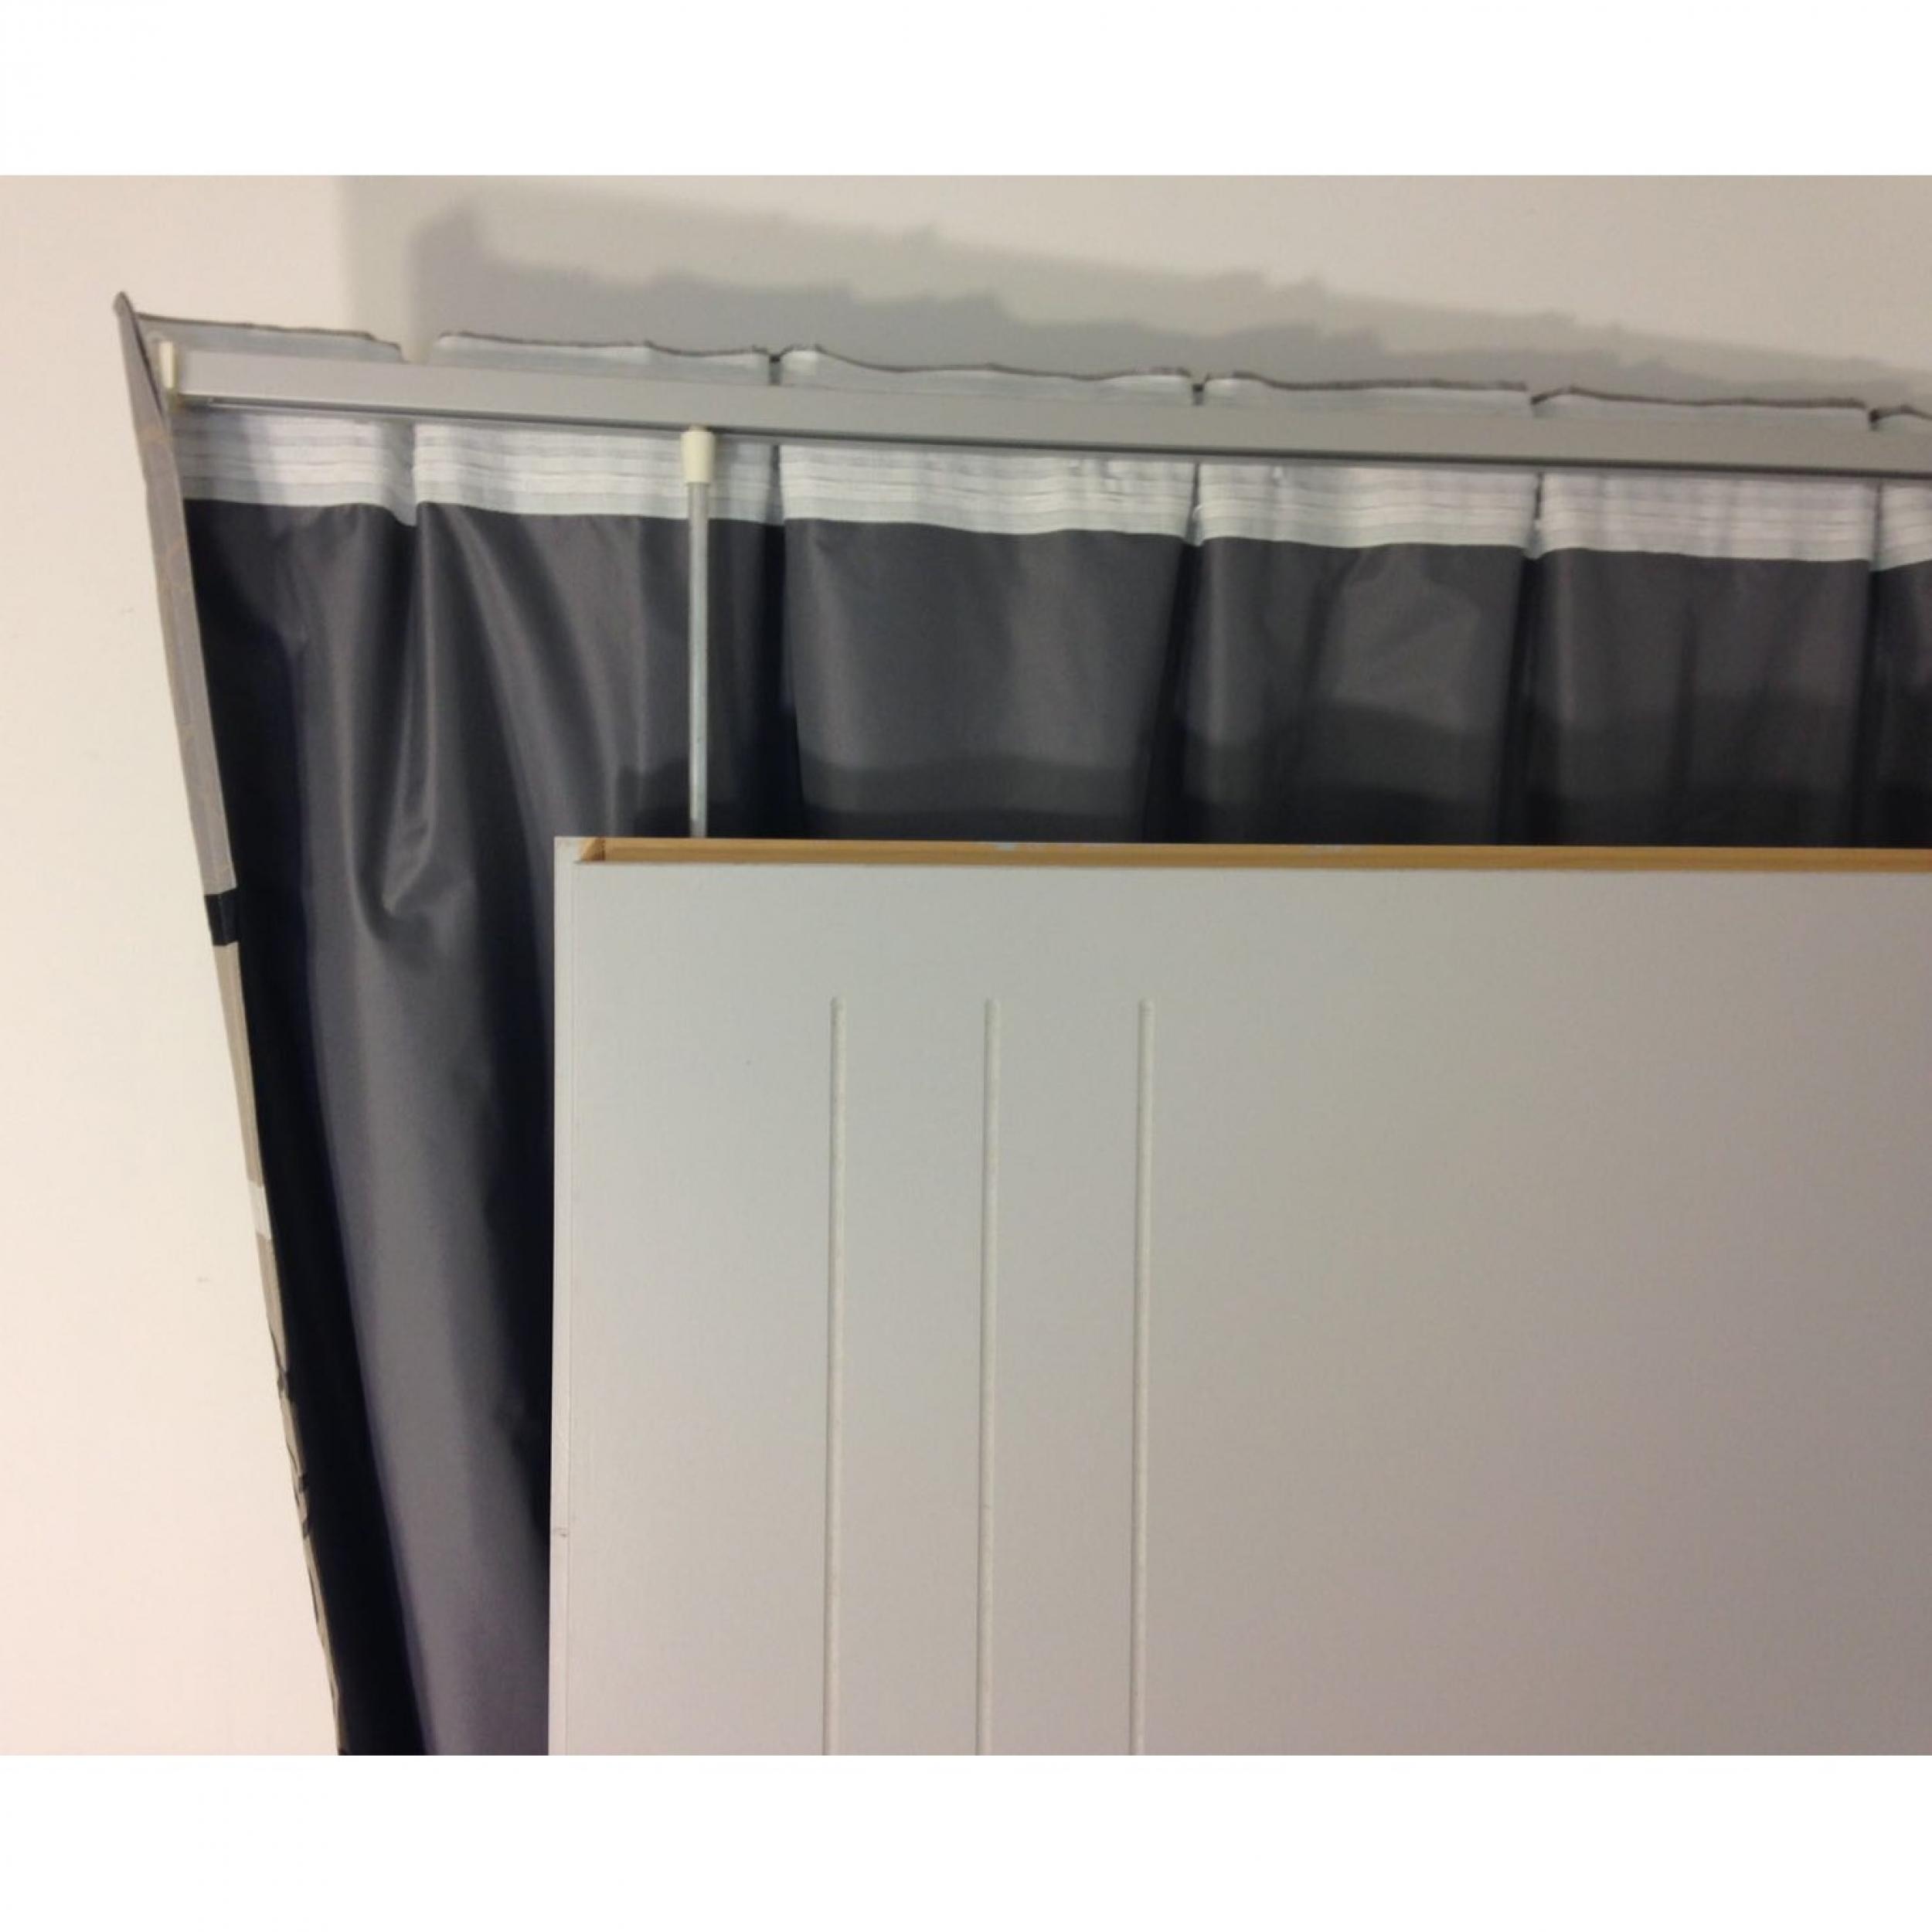 Rideau isolant thermique excellent rideau isolant - Doublure thermique au metre ...